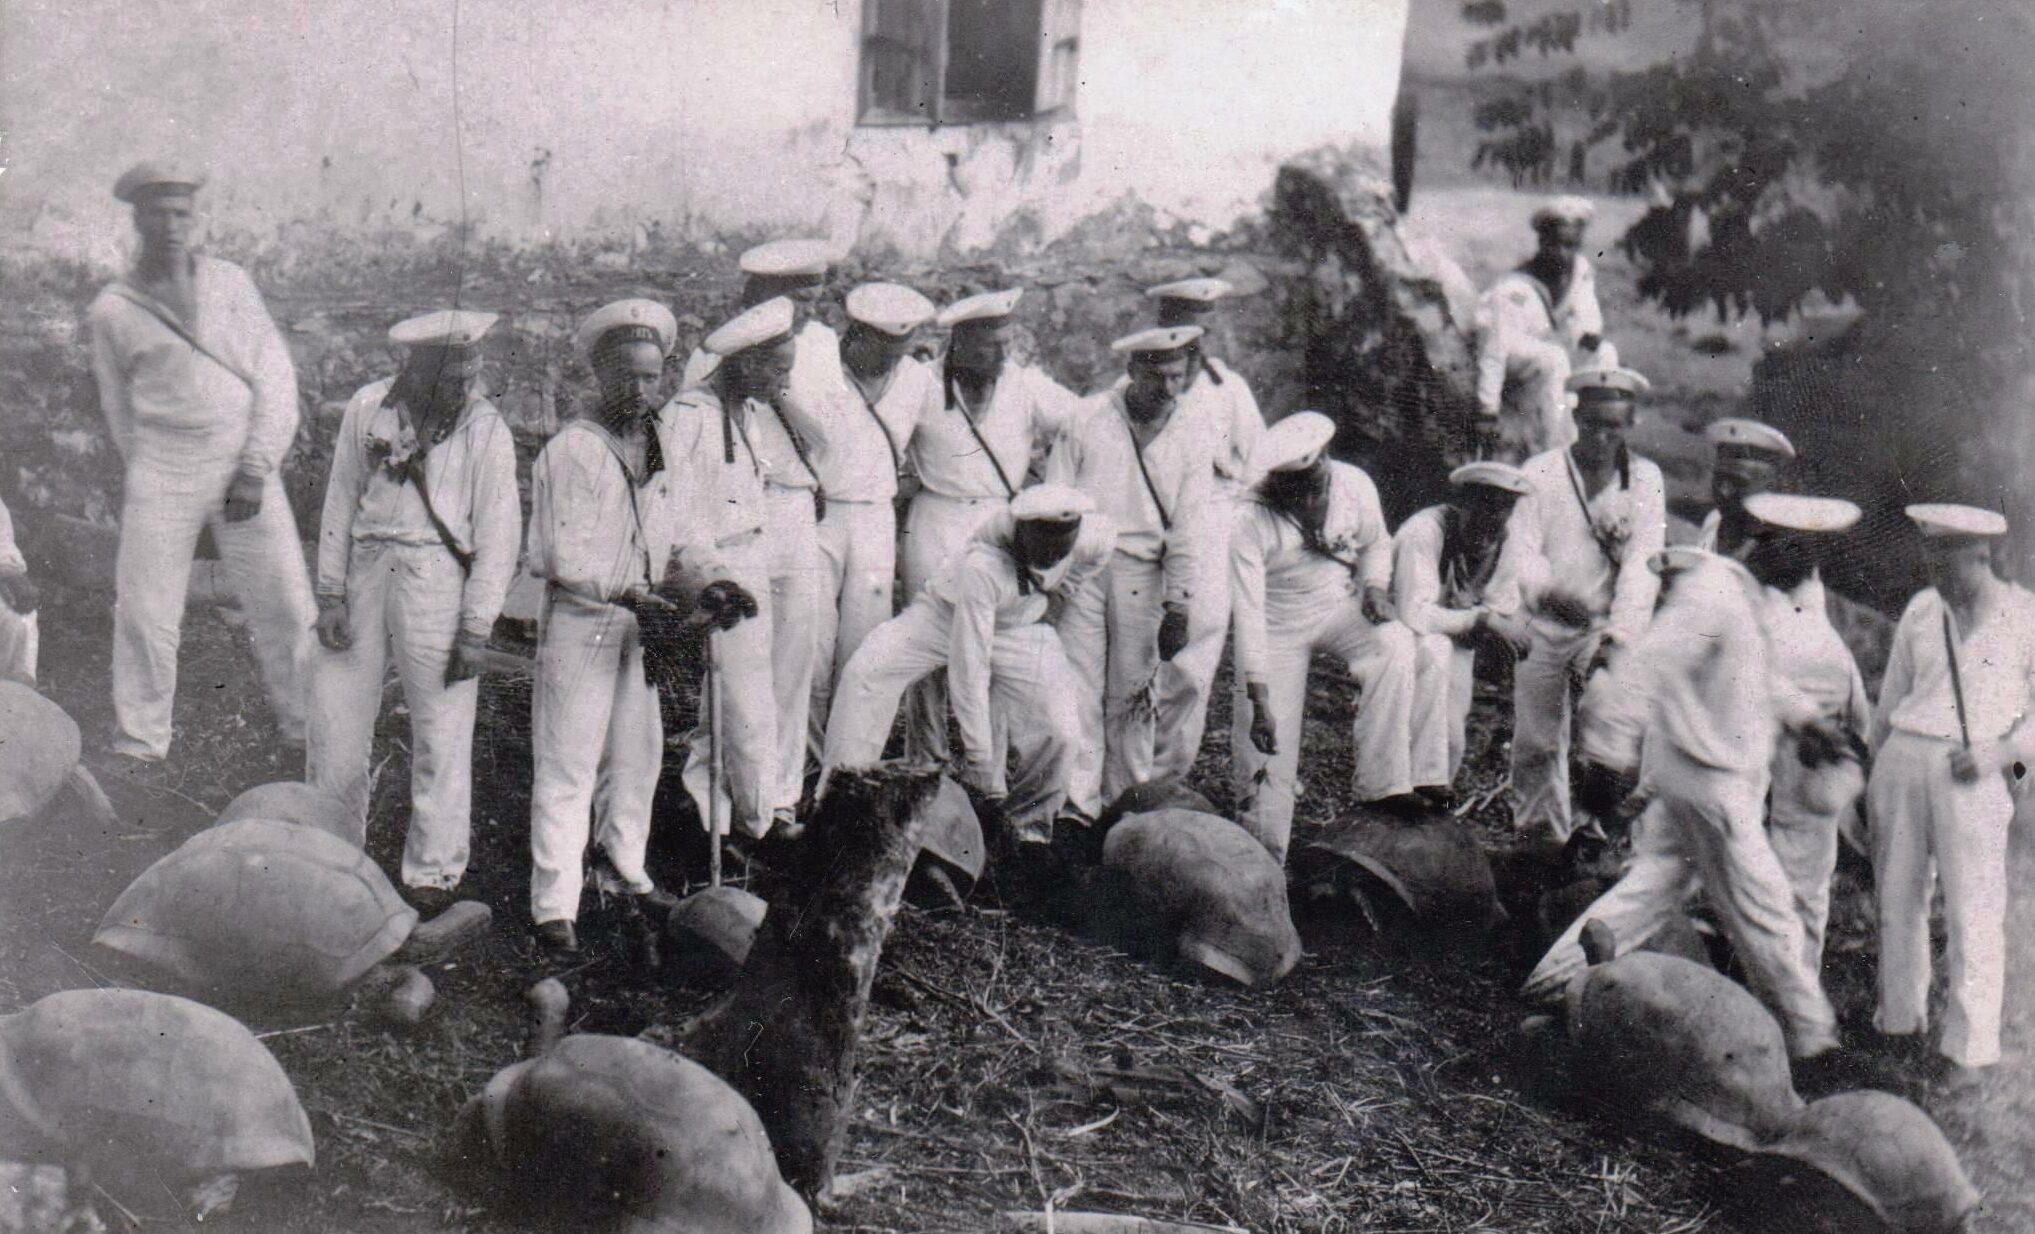 Матросы крейсера «Варяг» с черепахами. Сингапур 1916 г.